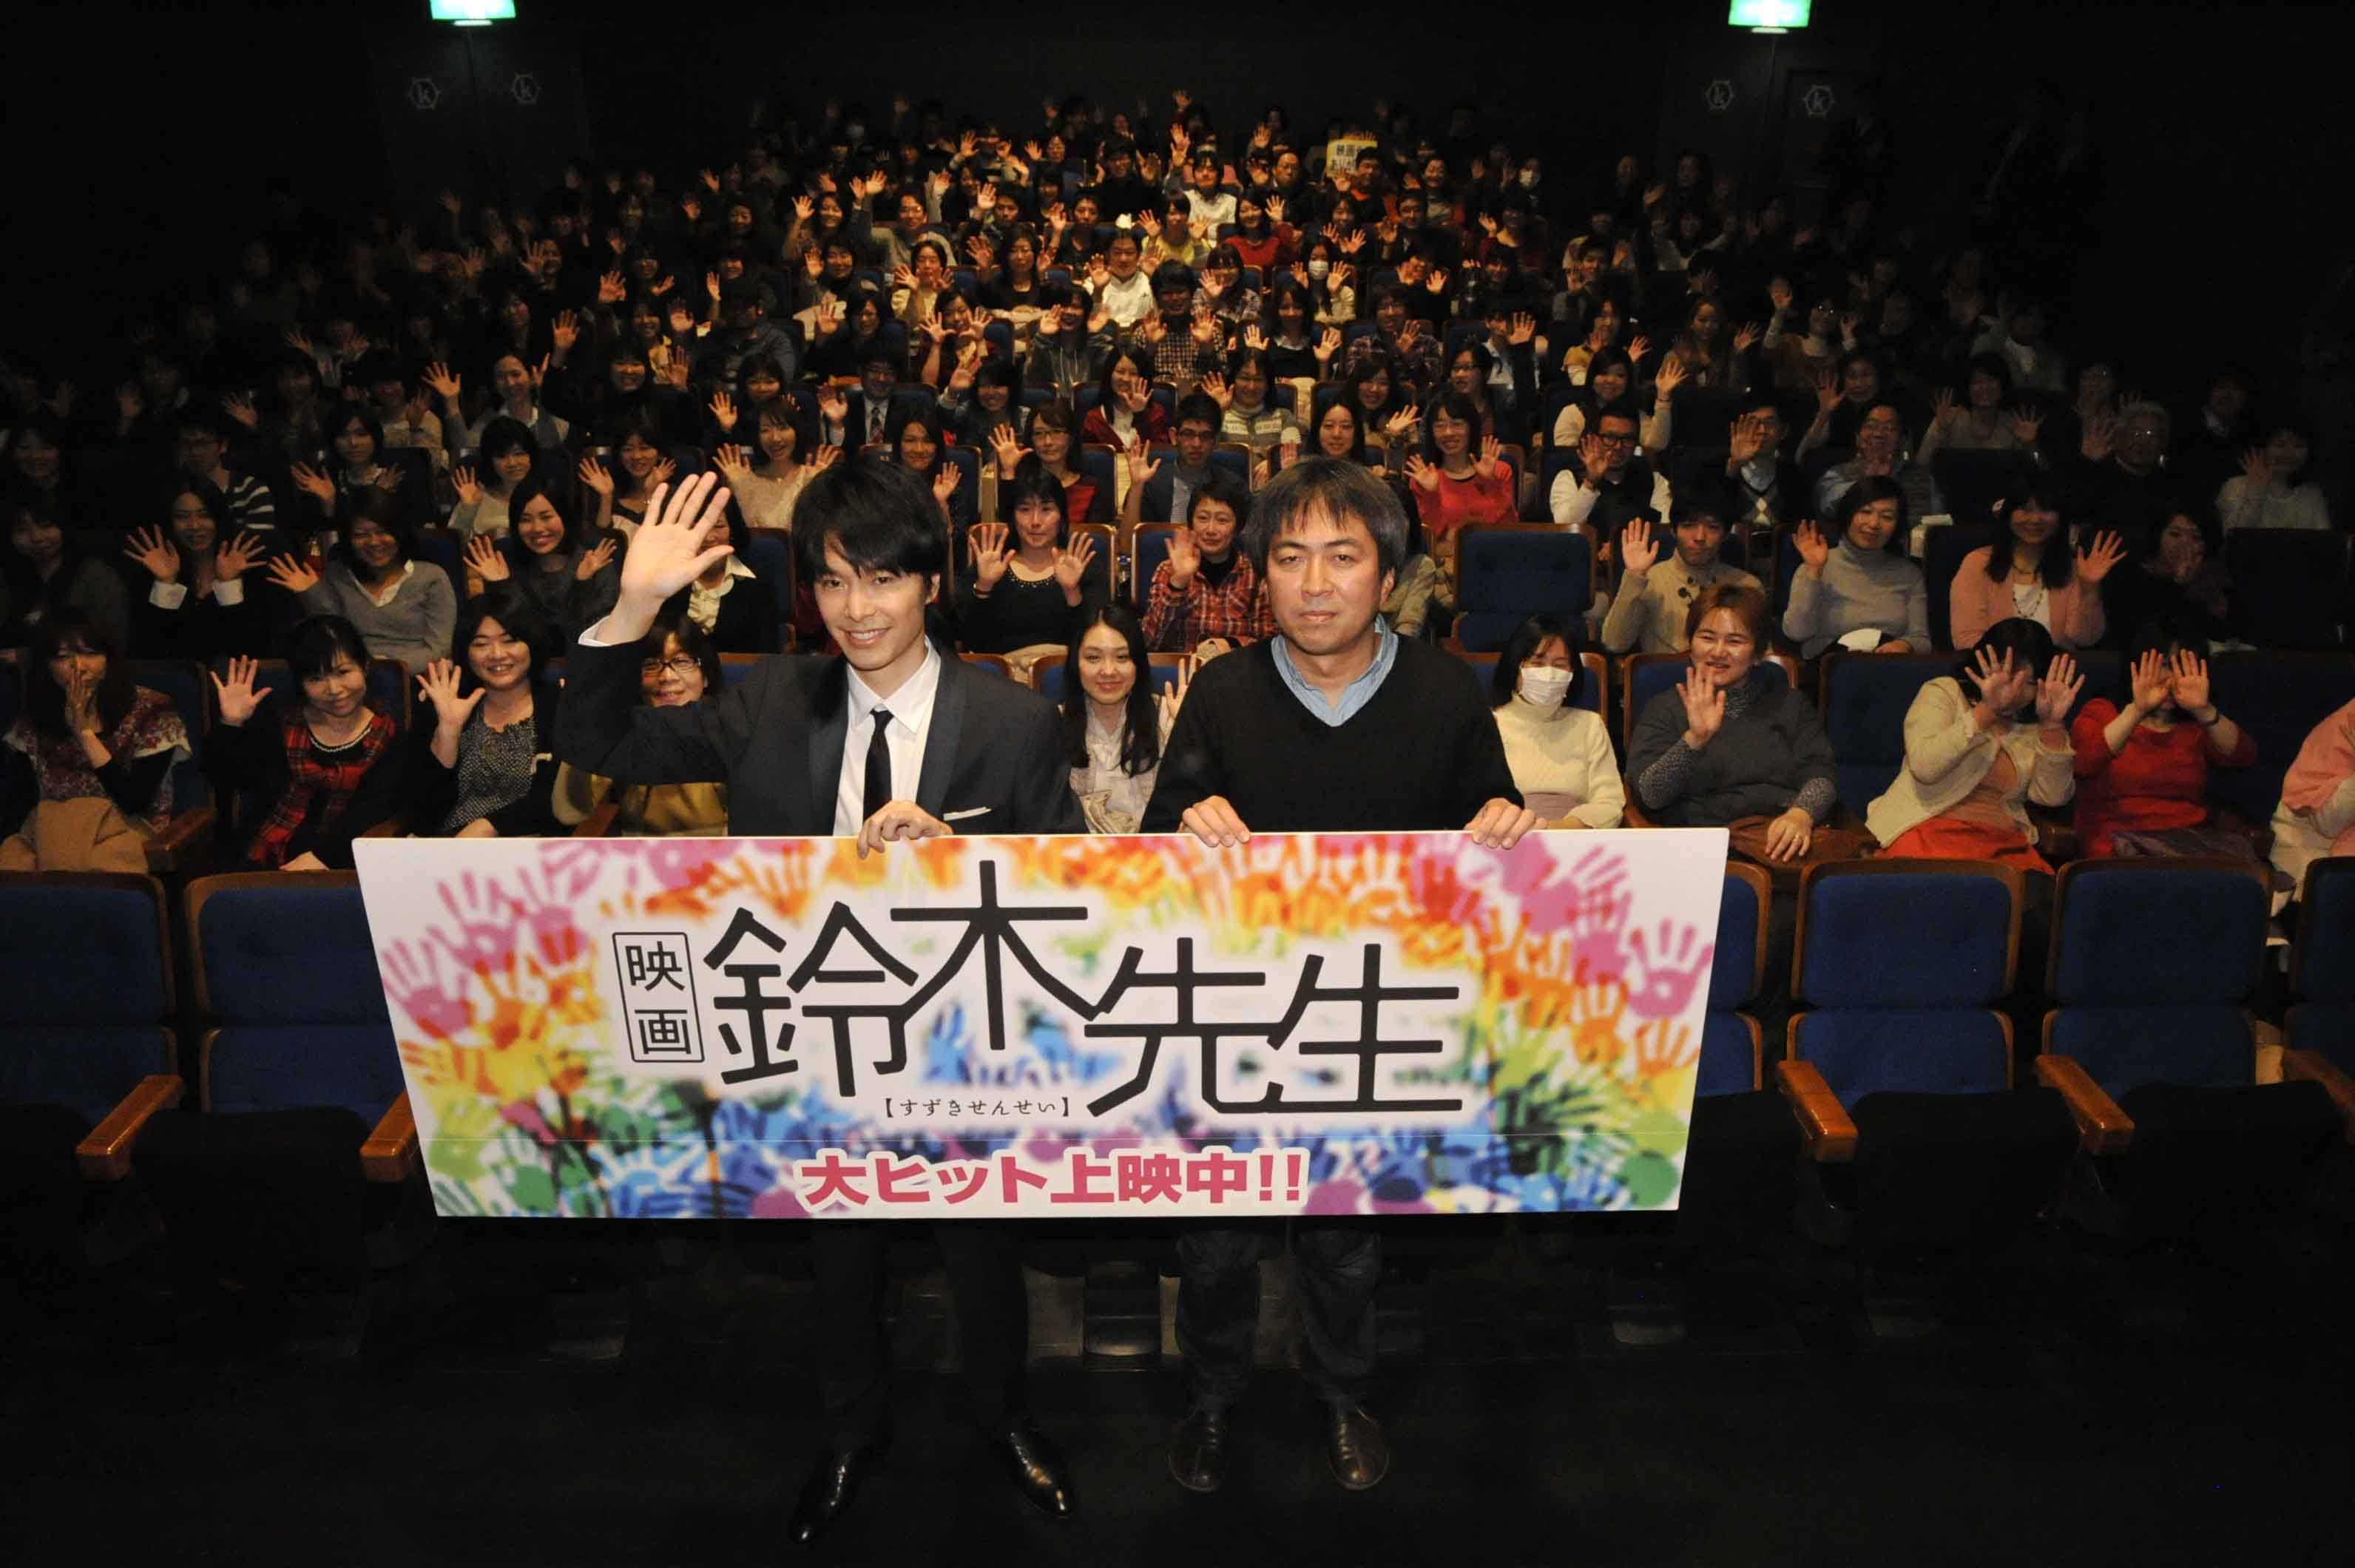 『映画  鈴木先生』公開中。1本の映画が世界を変える!?